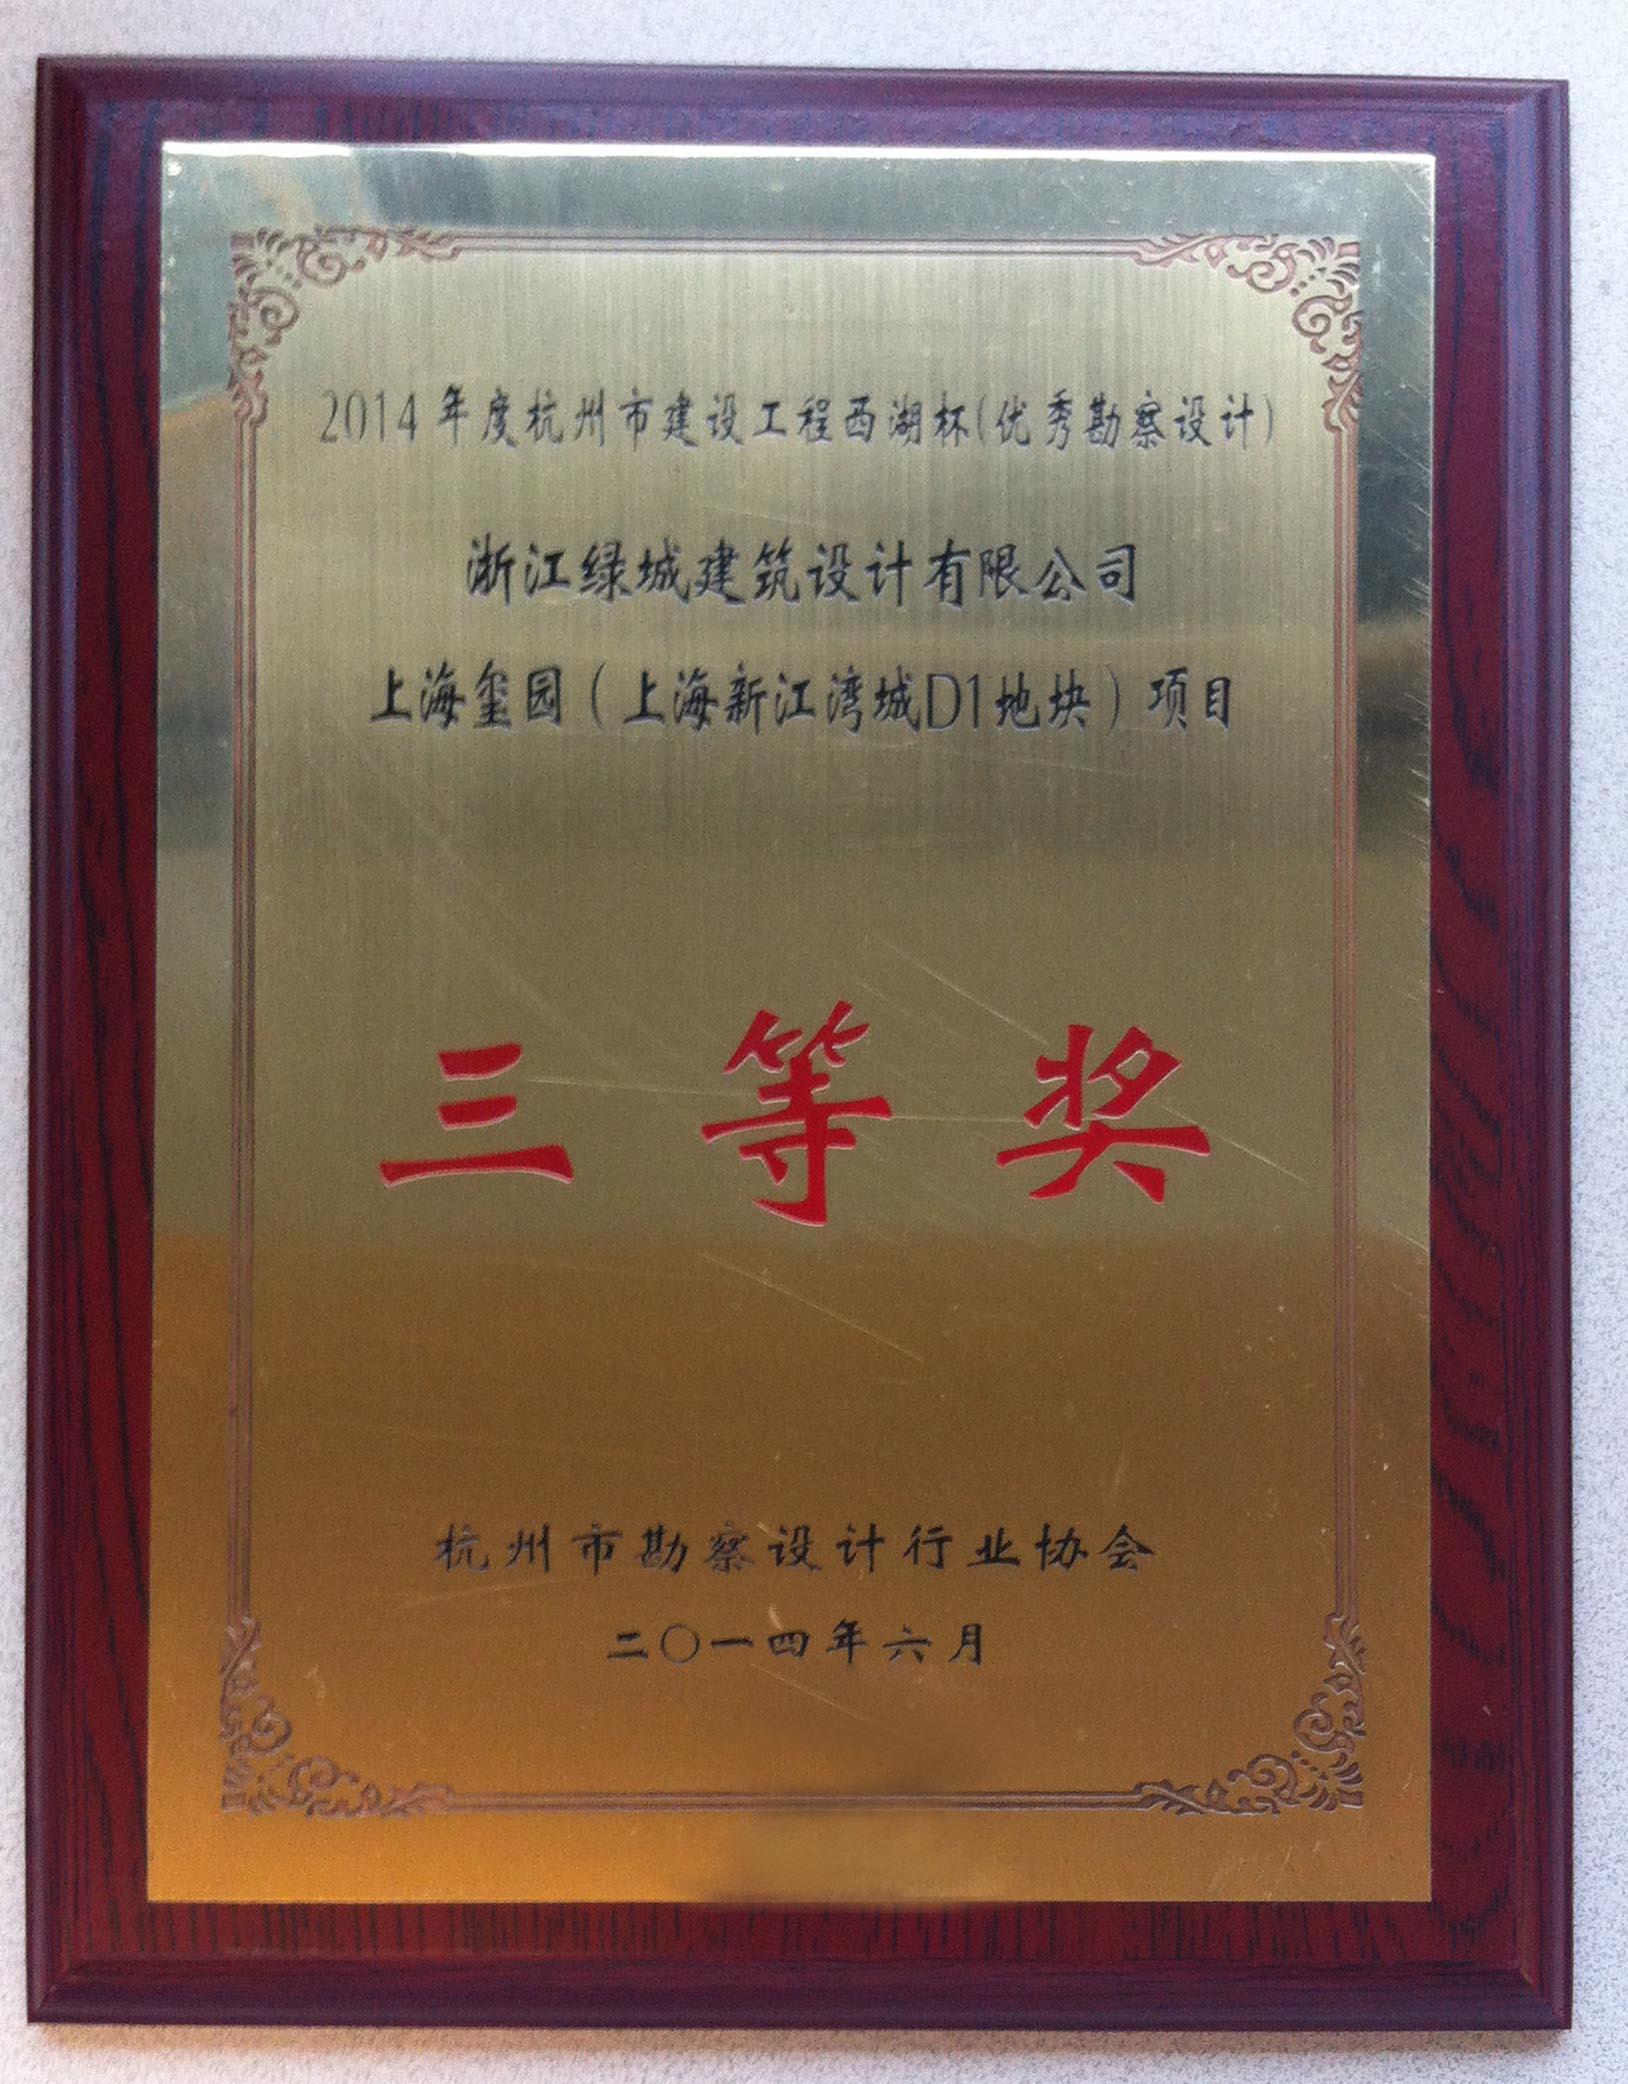 023-2014-(三等奖)-上海玺园(上海新江湾城D1地块)项目-奖牌.jpg